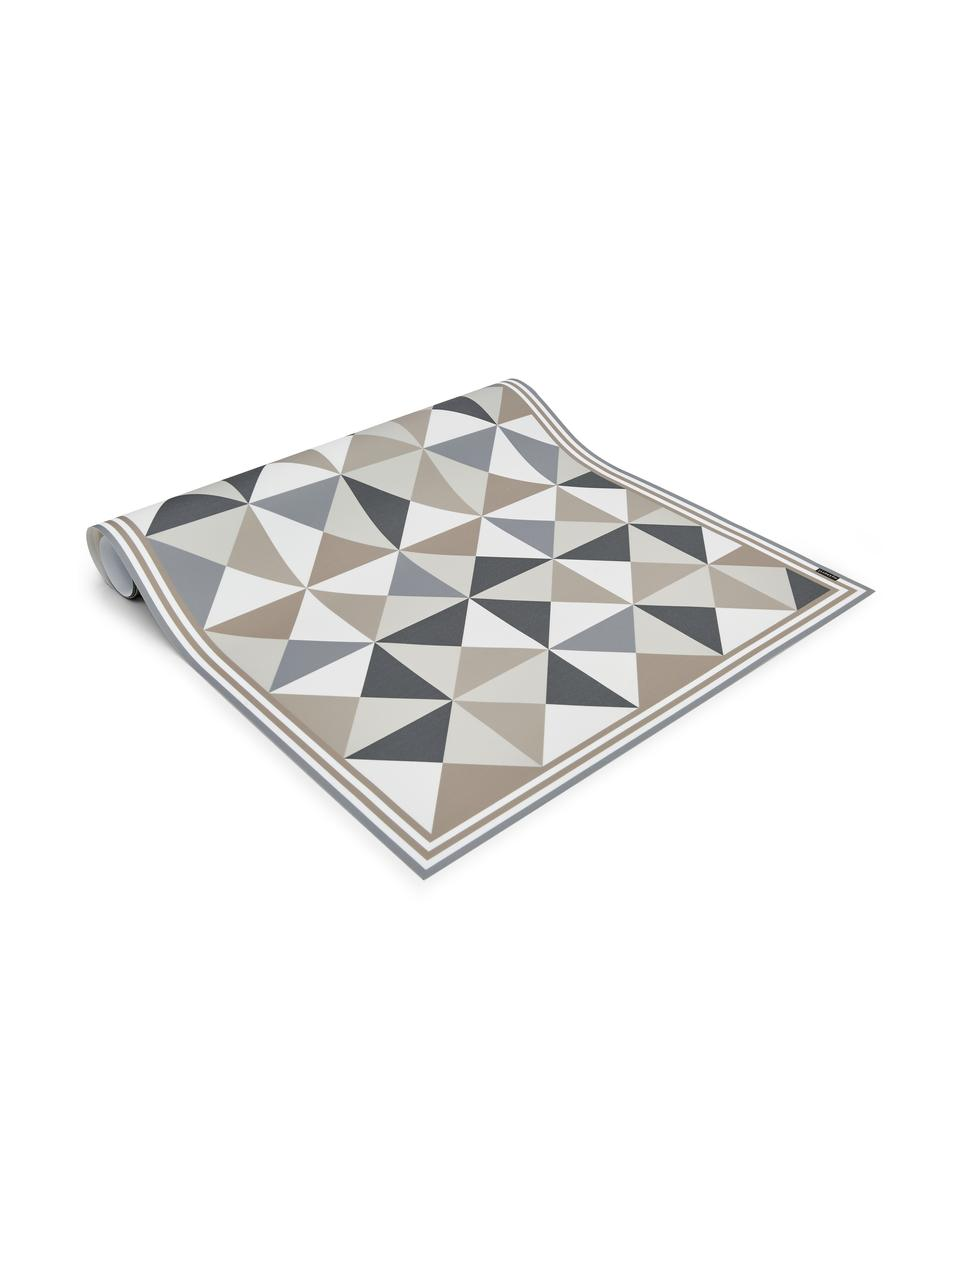 Tapis antidérapant intérieur extérieur en vinyle Haakon, Tons gris, tons beiges, blanc